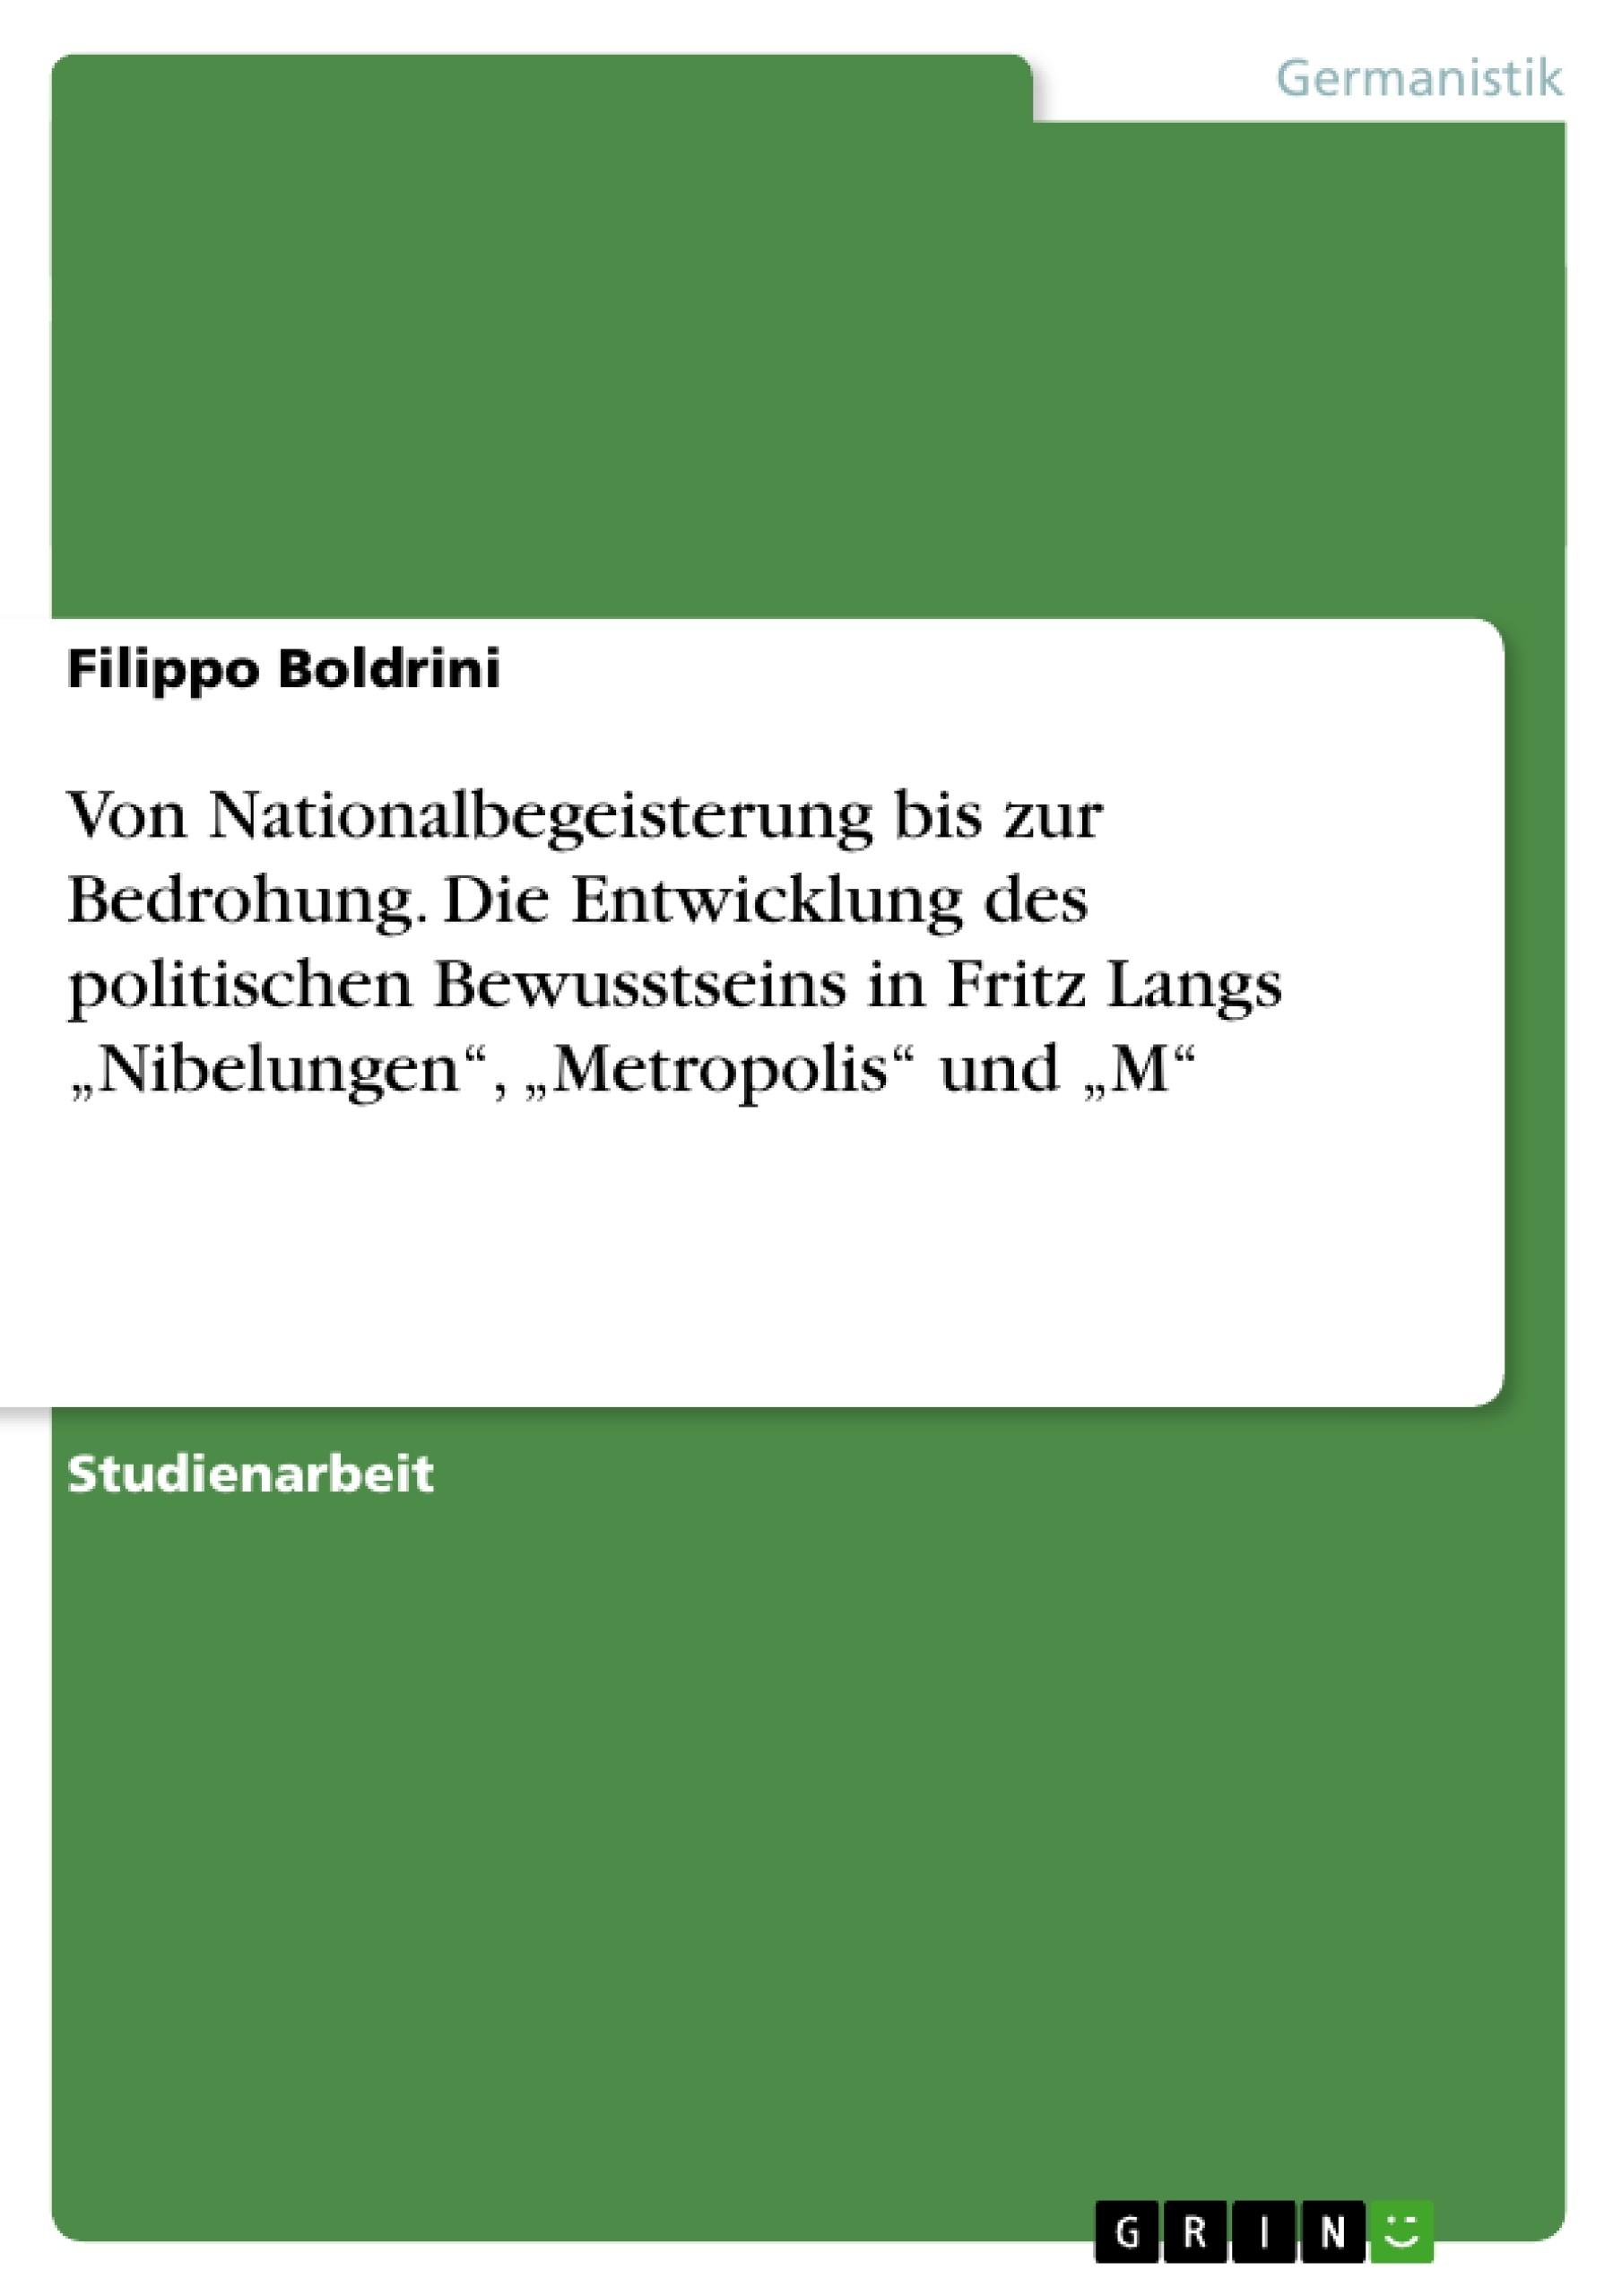 """Titel: Von Nationalbegeisterung bis zur Bedrohung. Die Entwicklung des politischen Bewusstseins in Fritz Langs """"Nibelungen"""", """"Metropolis"""" und """"M"""""""